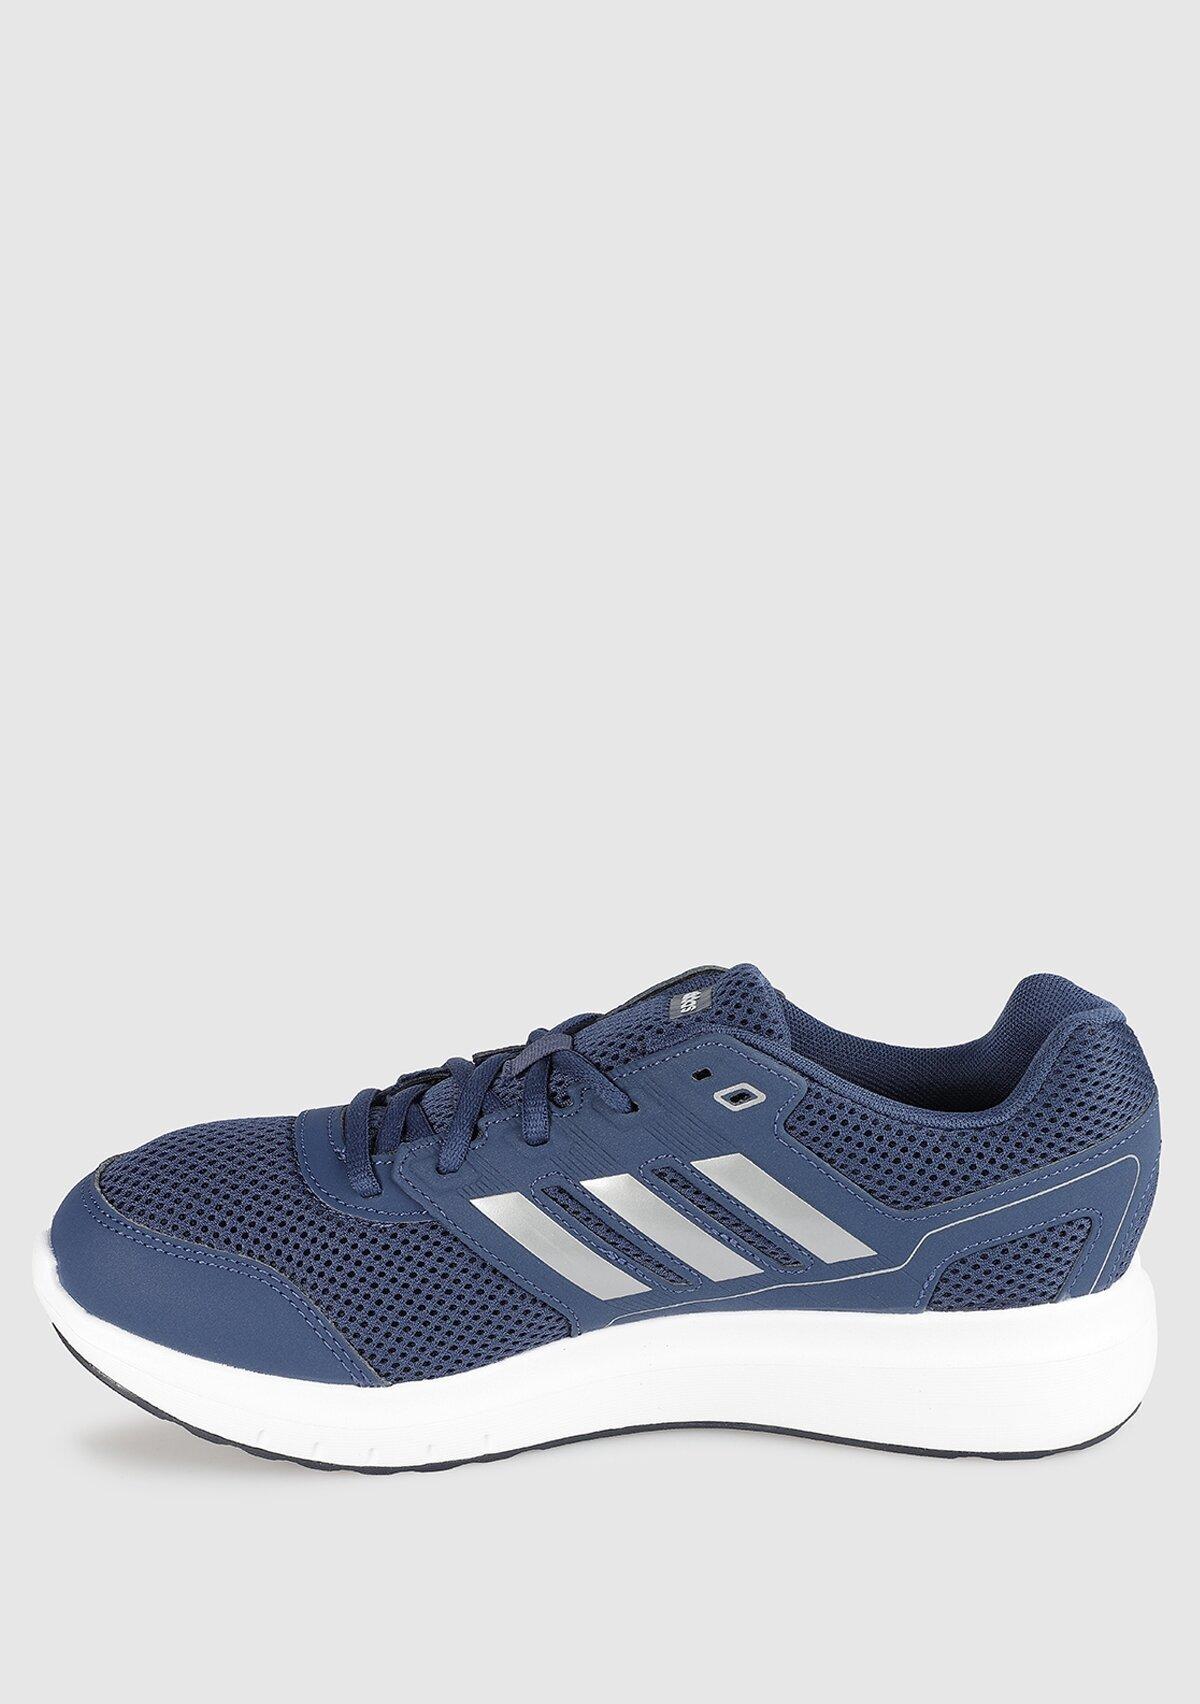 resm Duramo Lite 2.0 Lacivert Erkek Koşu Ayakkabısı Fv6